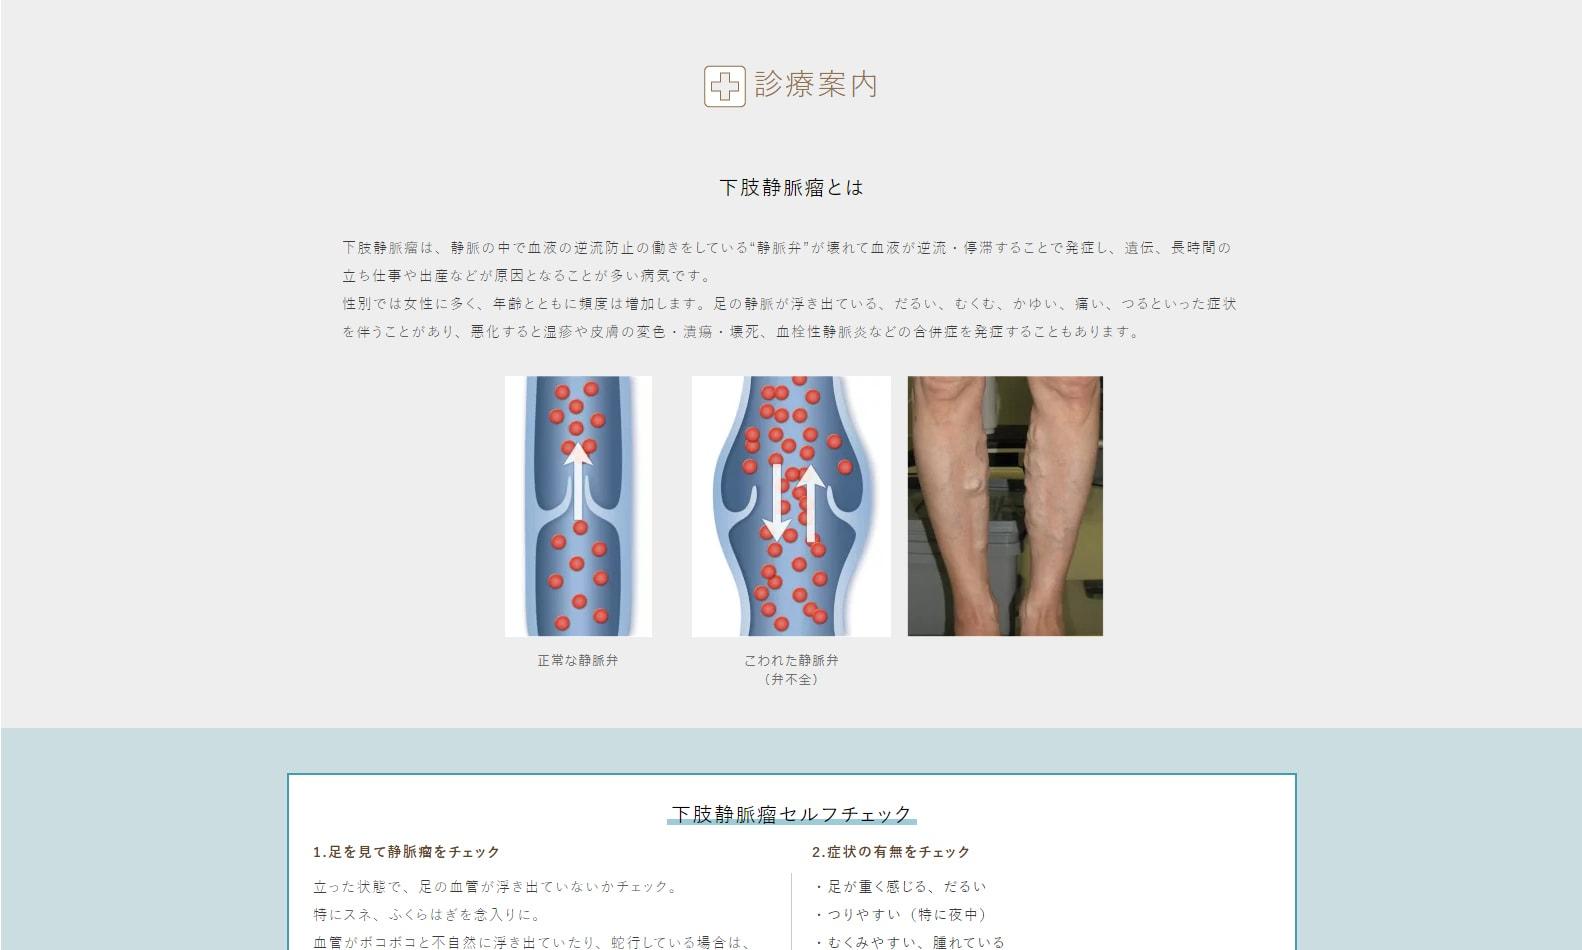 医療法人札幌静脈瘤クリニック